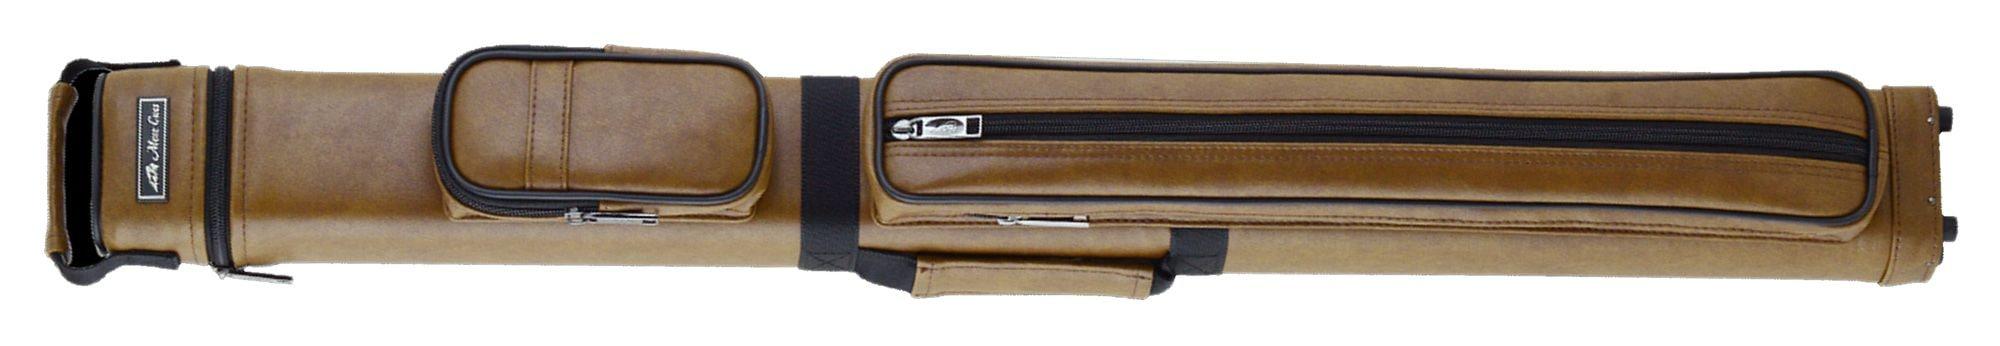 キューケース mo-23y ライトブラウン (バット2本シャフト3本収納) 商品画像